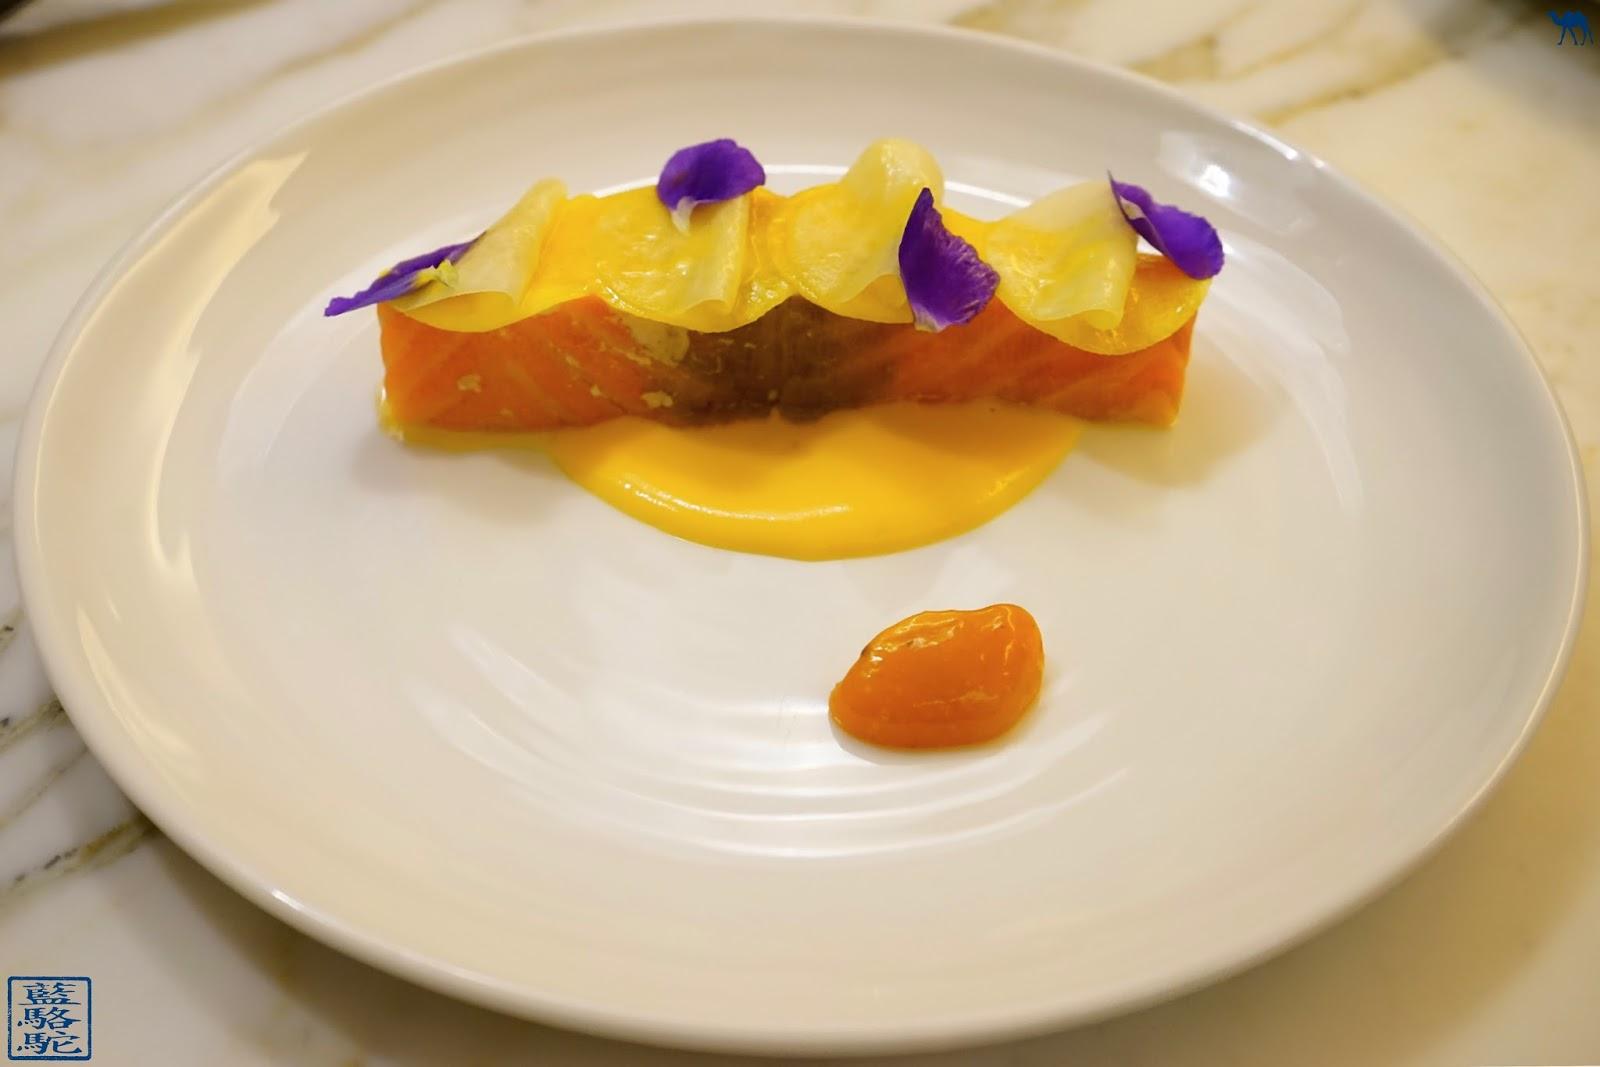 Le Chameau Bleu - Blog Gastronomie et Voyage - NoGlu  Marais - Un super saumon confit aux légumes jaunes et purée de Mangue